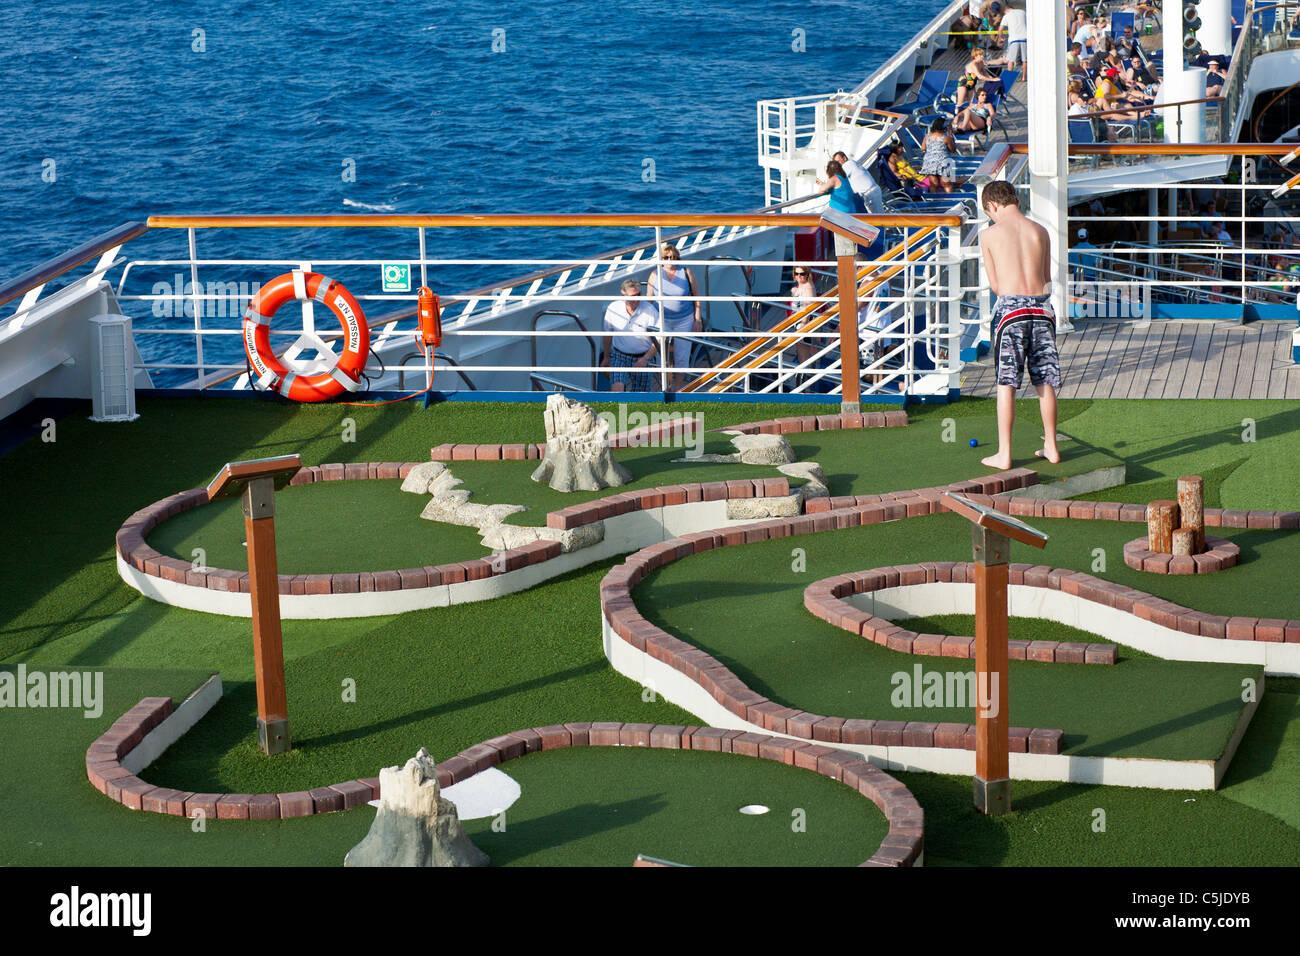 Kleiner Junge Spielt Minigolf Sport Deck Des Kreuzfahrtschiffes